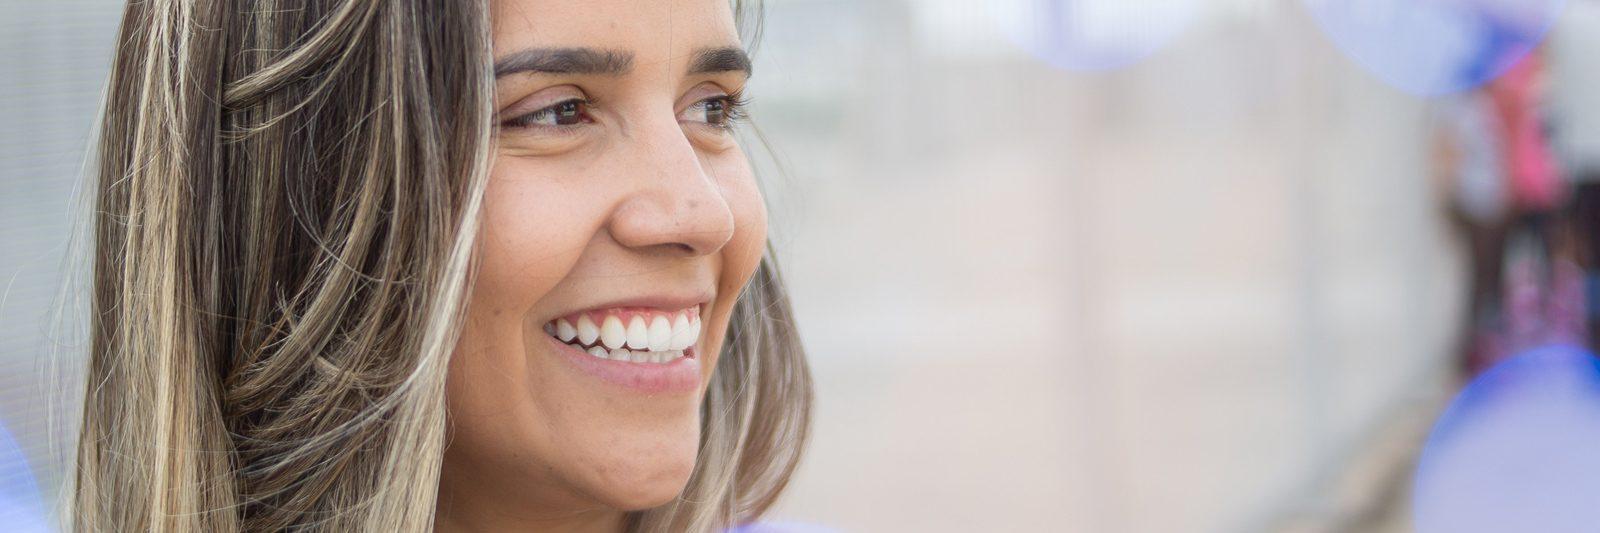 Der findes flere typer af tandproteser, og de kan tilpasses hver tandpatient